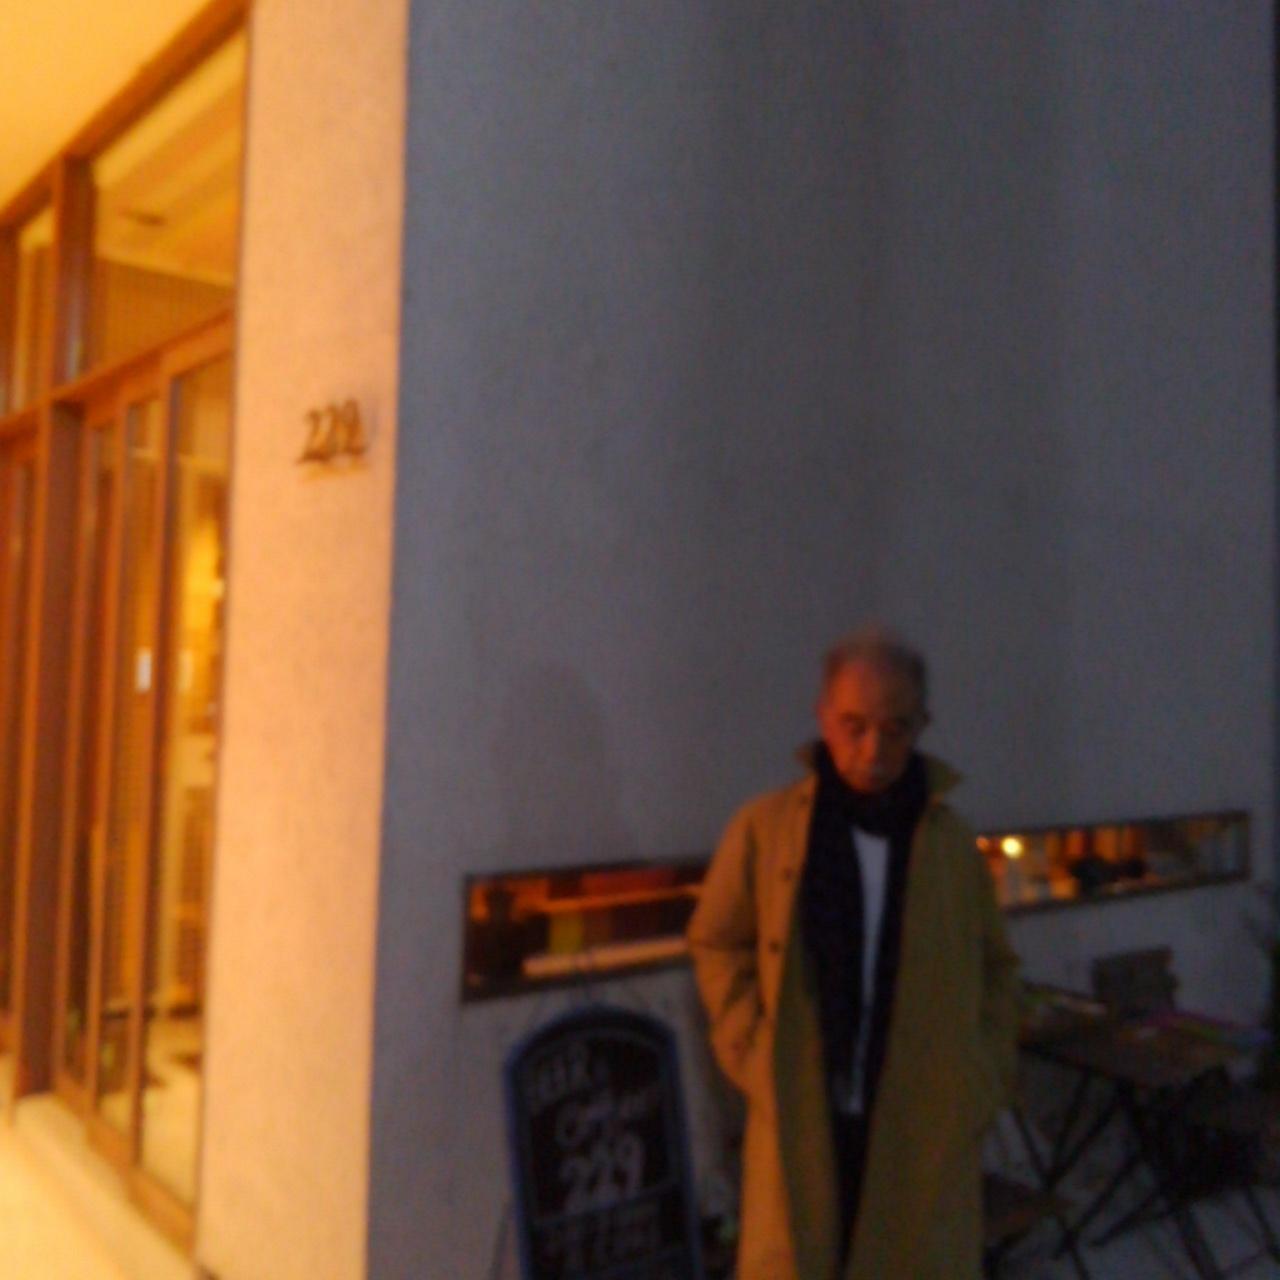 パンダの散歩~岡崎市民会館編@229cafe _b0096957_18014212.jpg